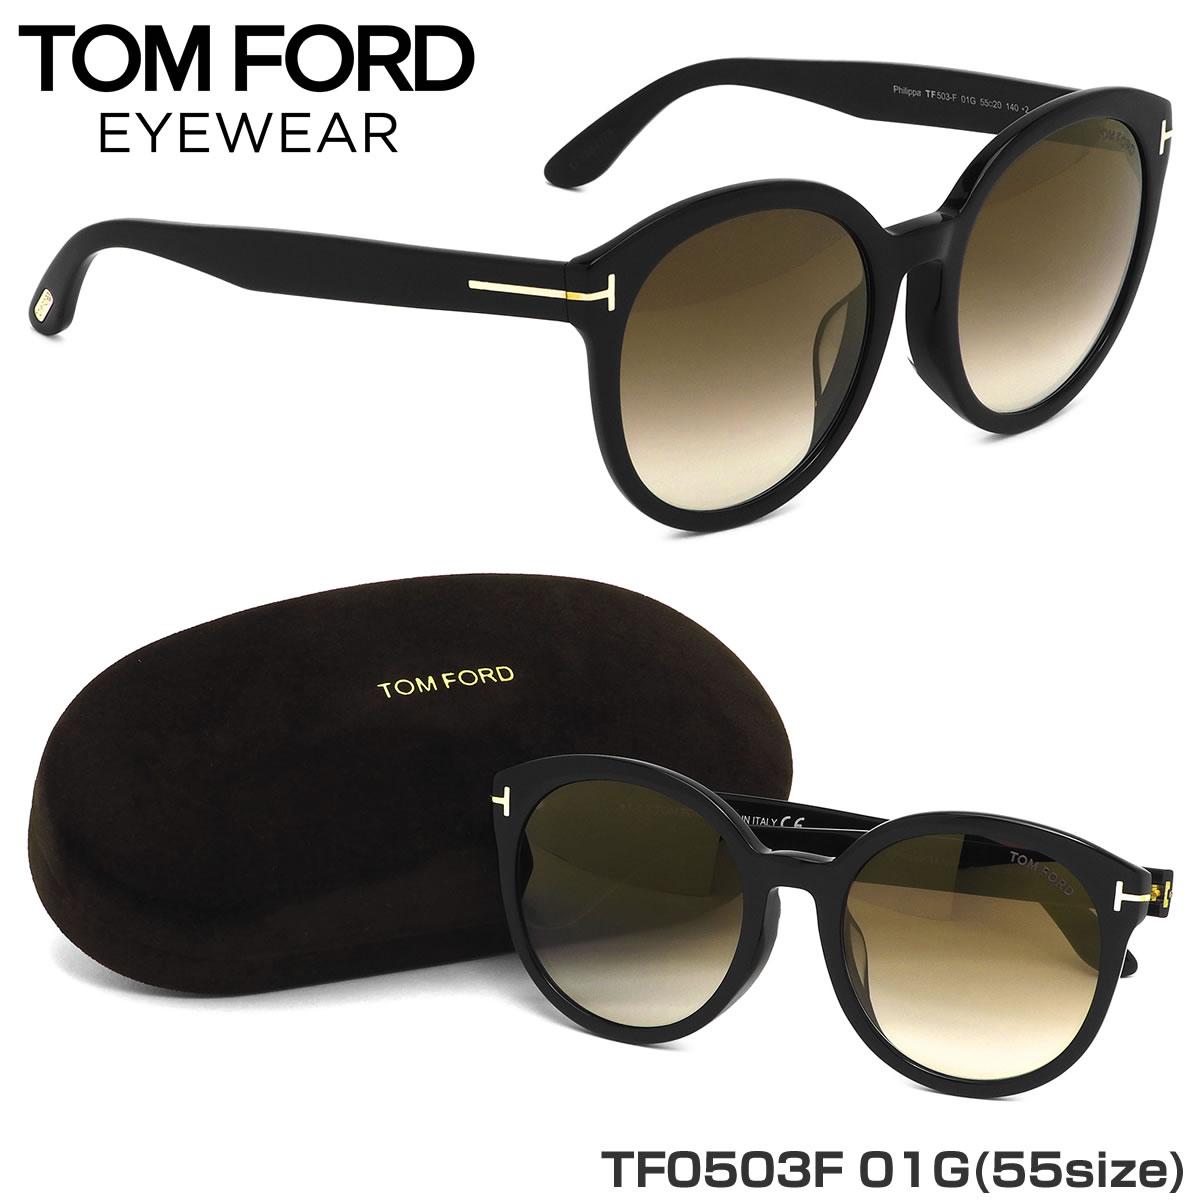 ほぼ全品ポイント15倍〜最大34倍+4倍! TOM FORD トムフォード サングラスTF0503F 01G 55サイズPhilippa アジアンフィット フルフィット Made in Italy トムフォードTOMFORD メンズ レディース